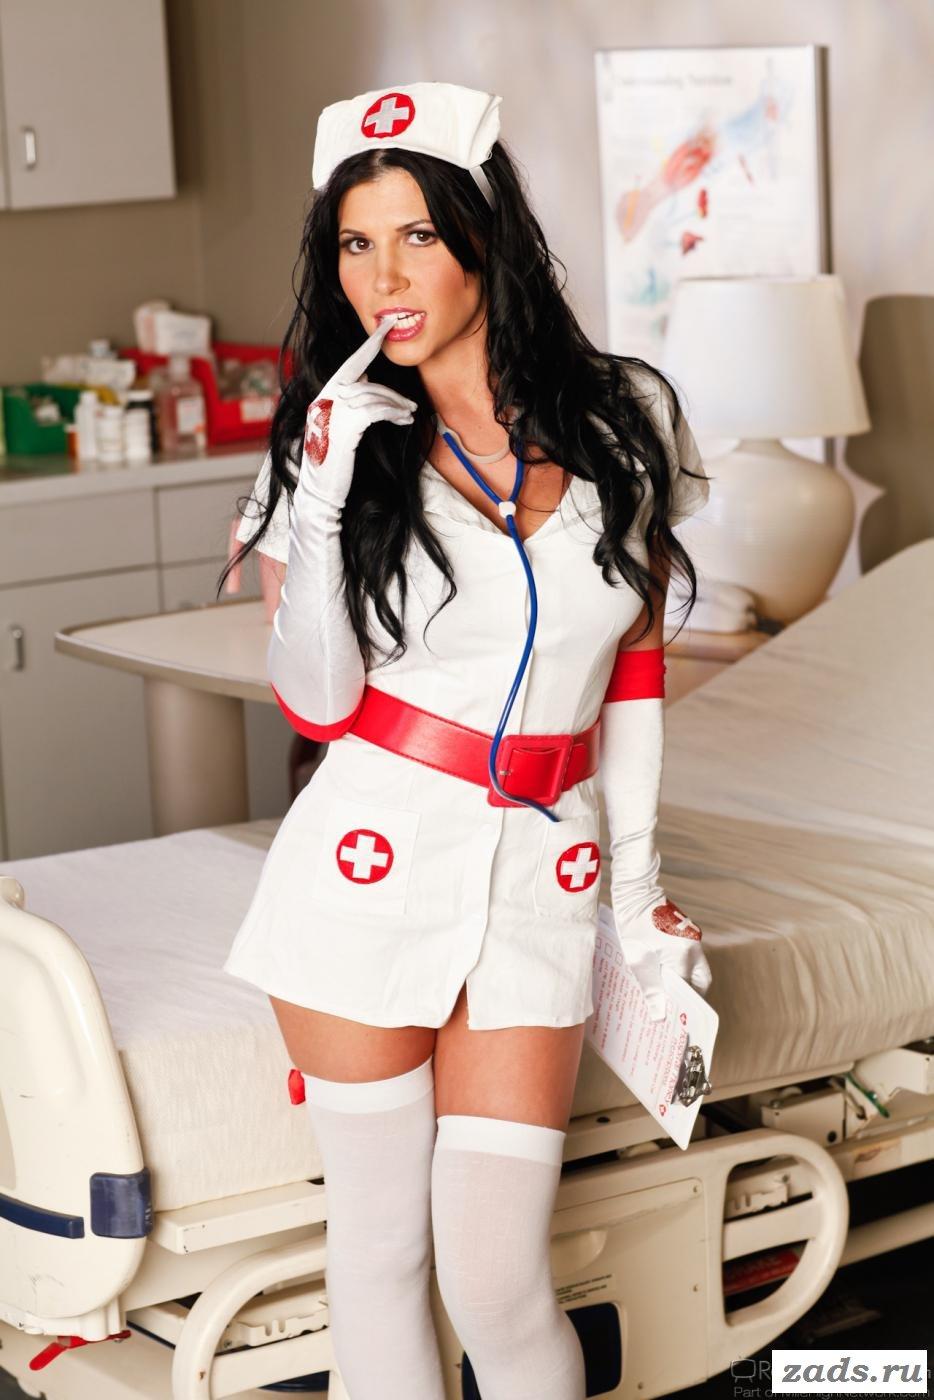 секс с медсестрой скачать на телефон